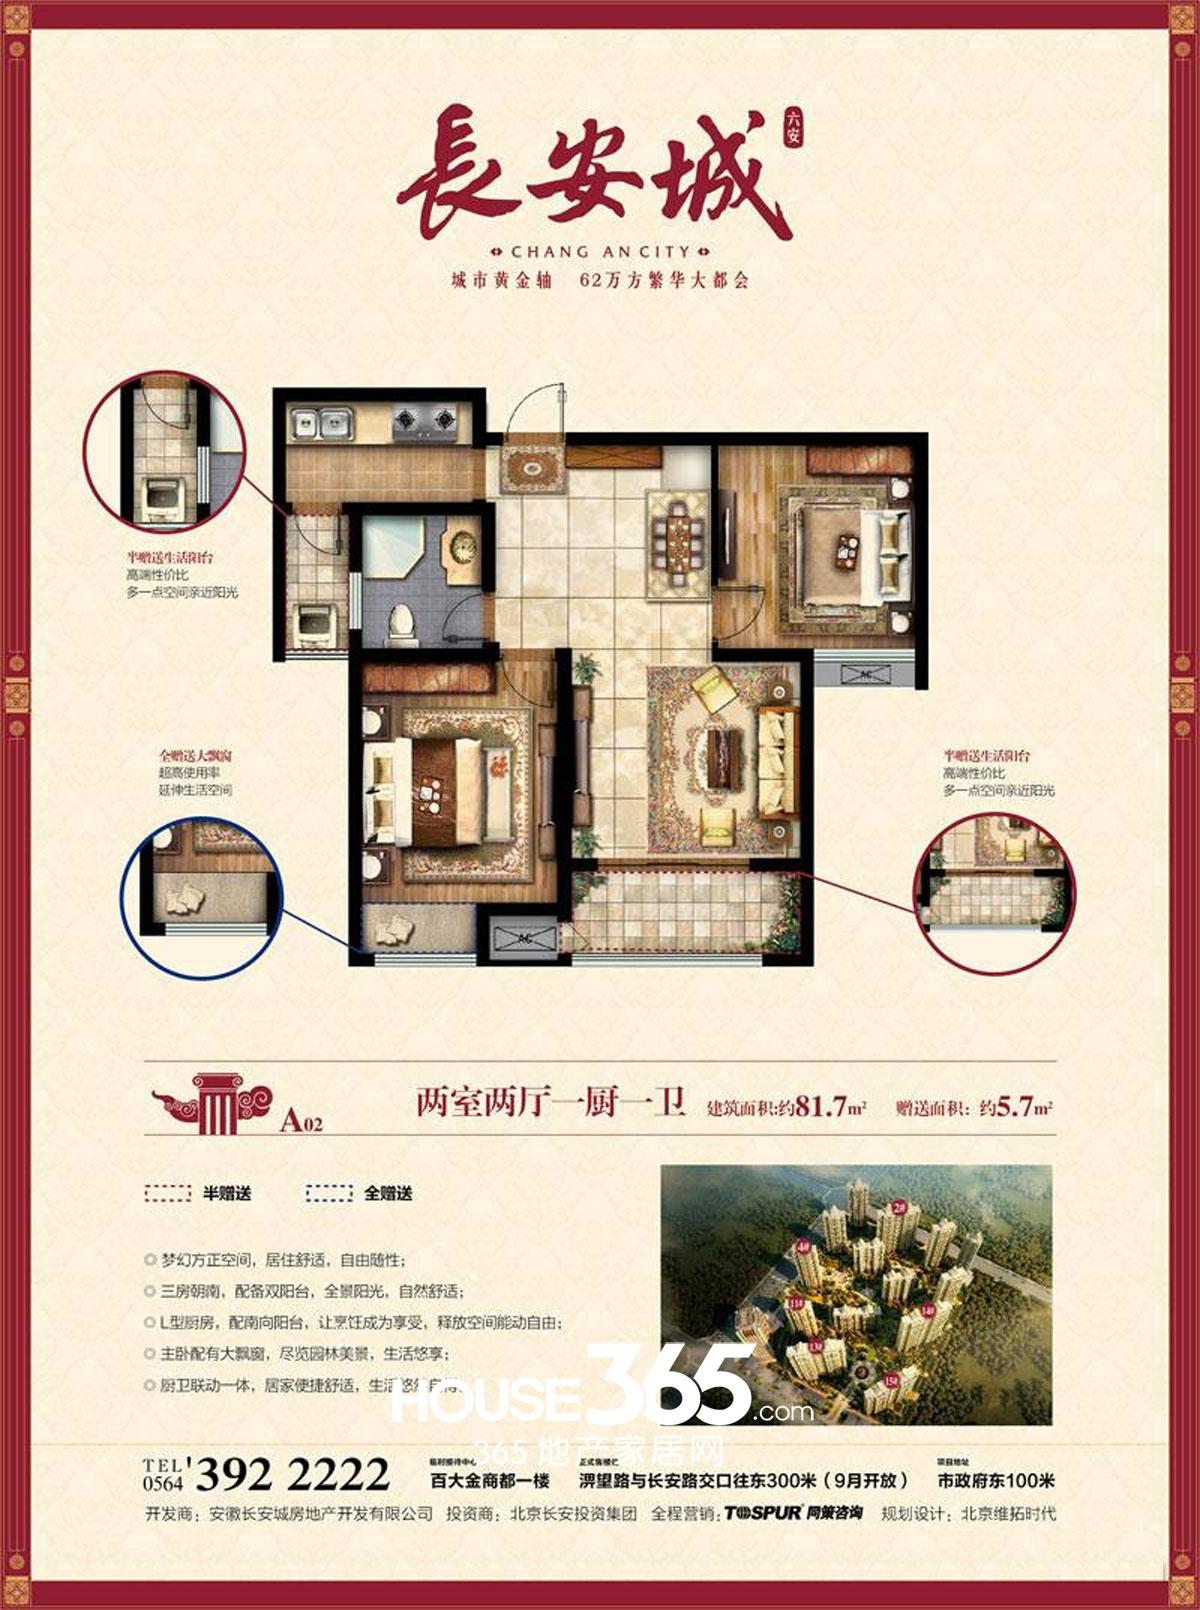 长安城4#A02户型图